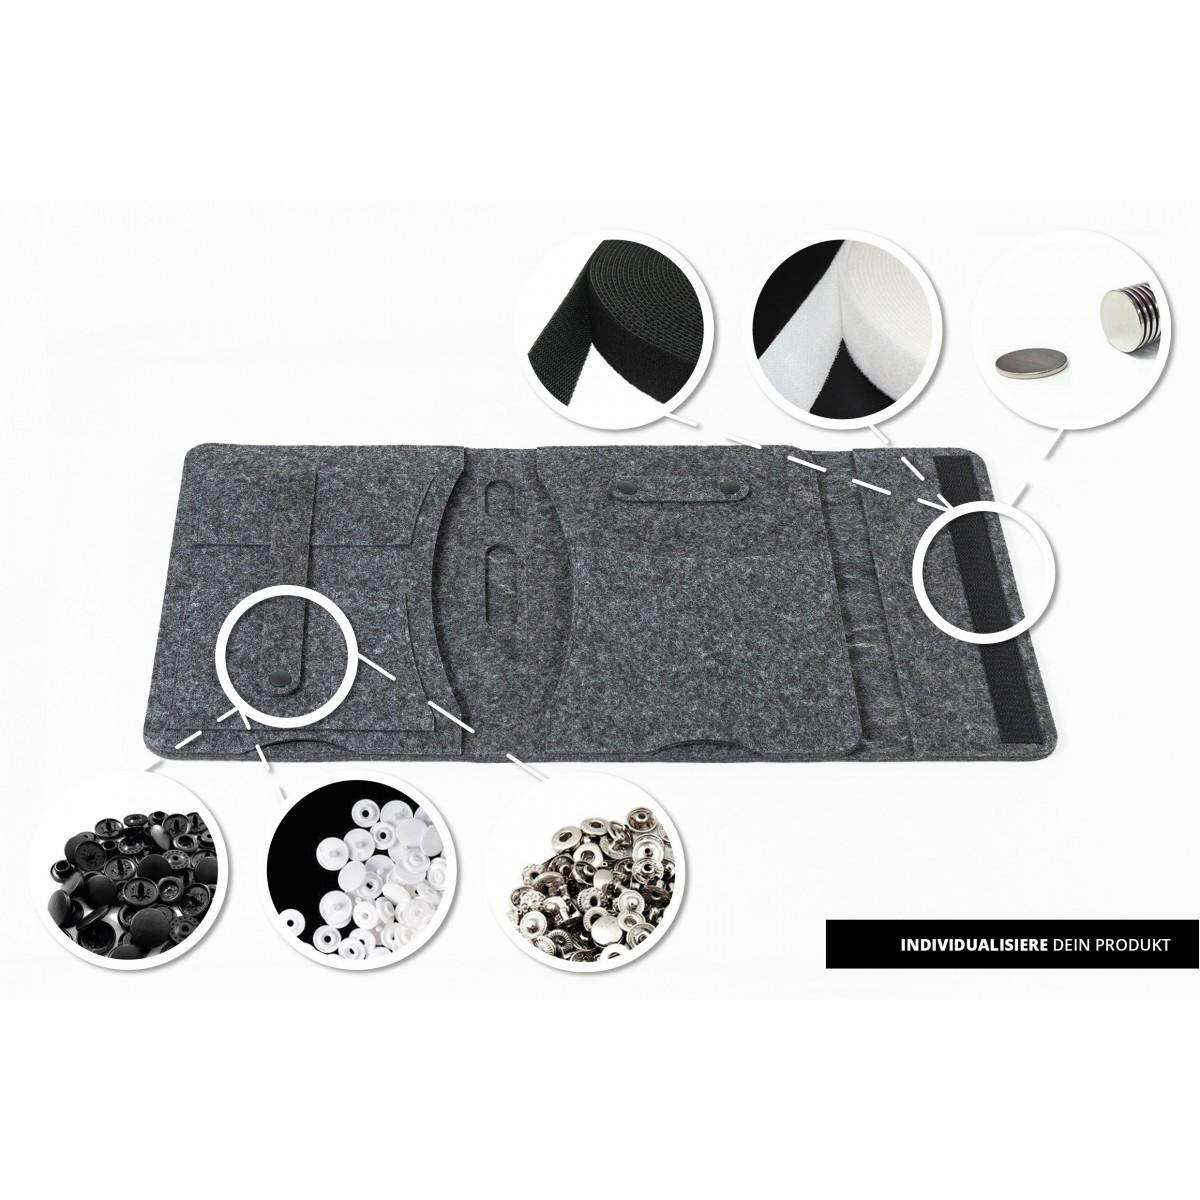 RÅVARE Tablet Organizer für kleine und mittlere Tablets ≤10.1″ mit Schreibblock, iPad, Samsung in grau [KORA M]